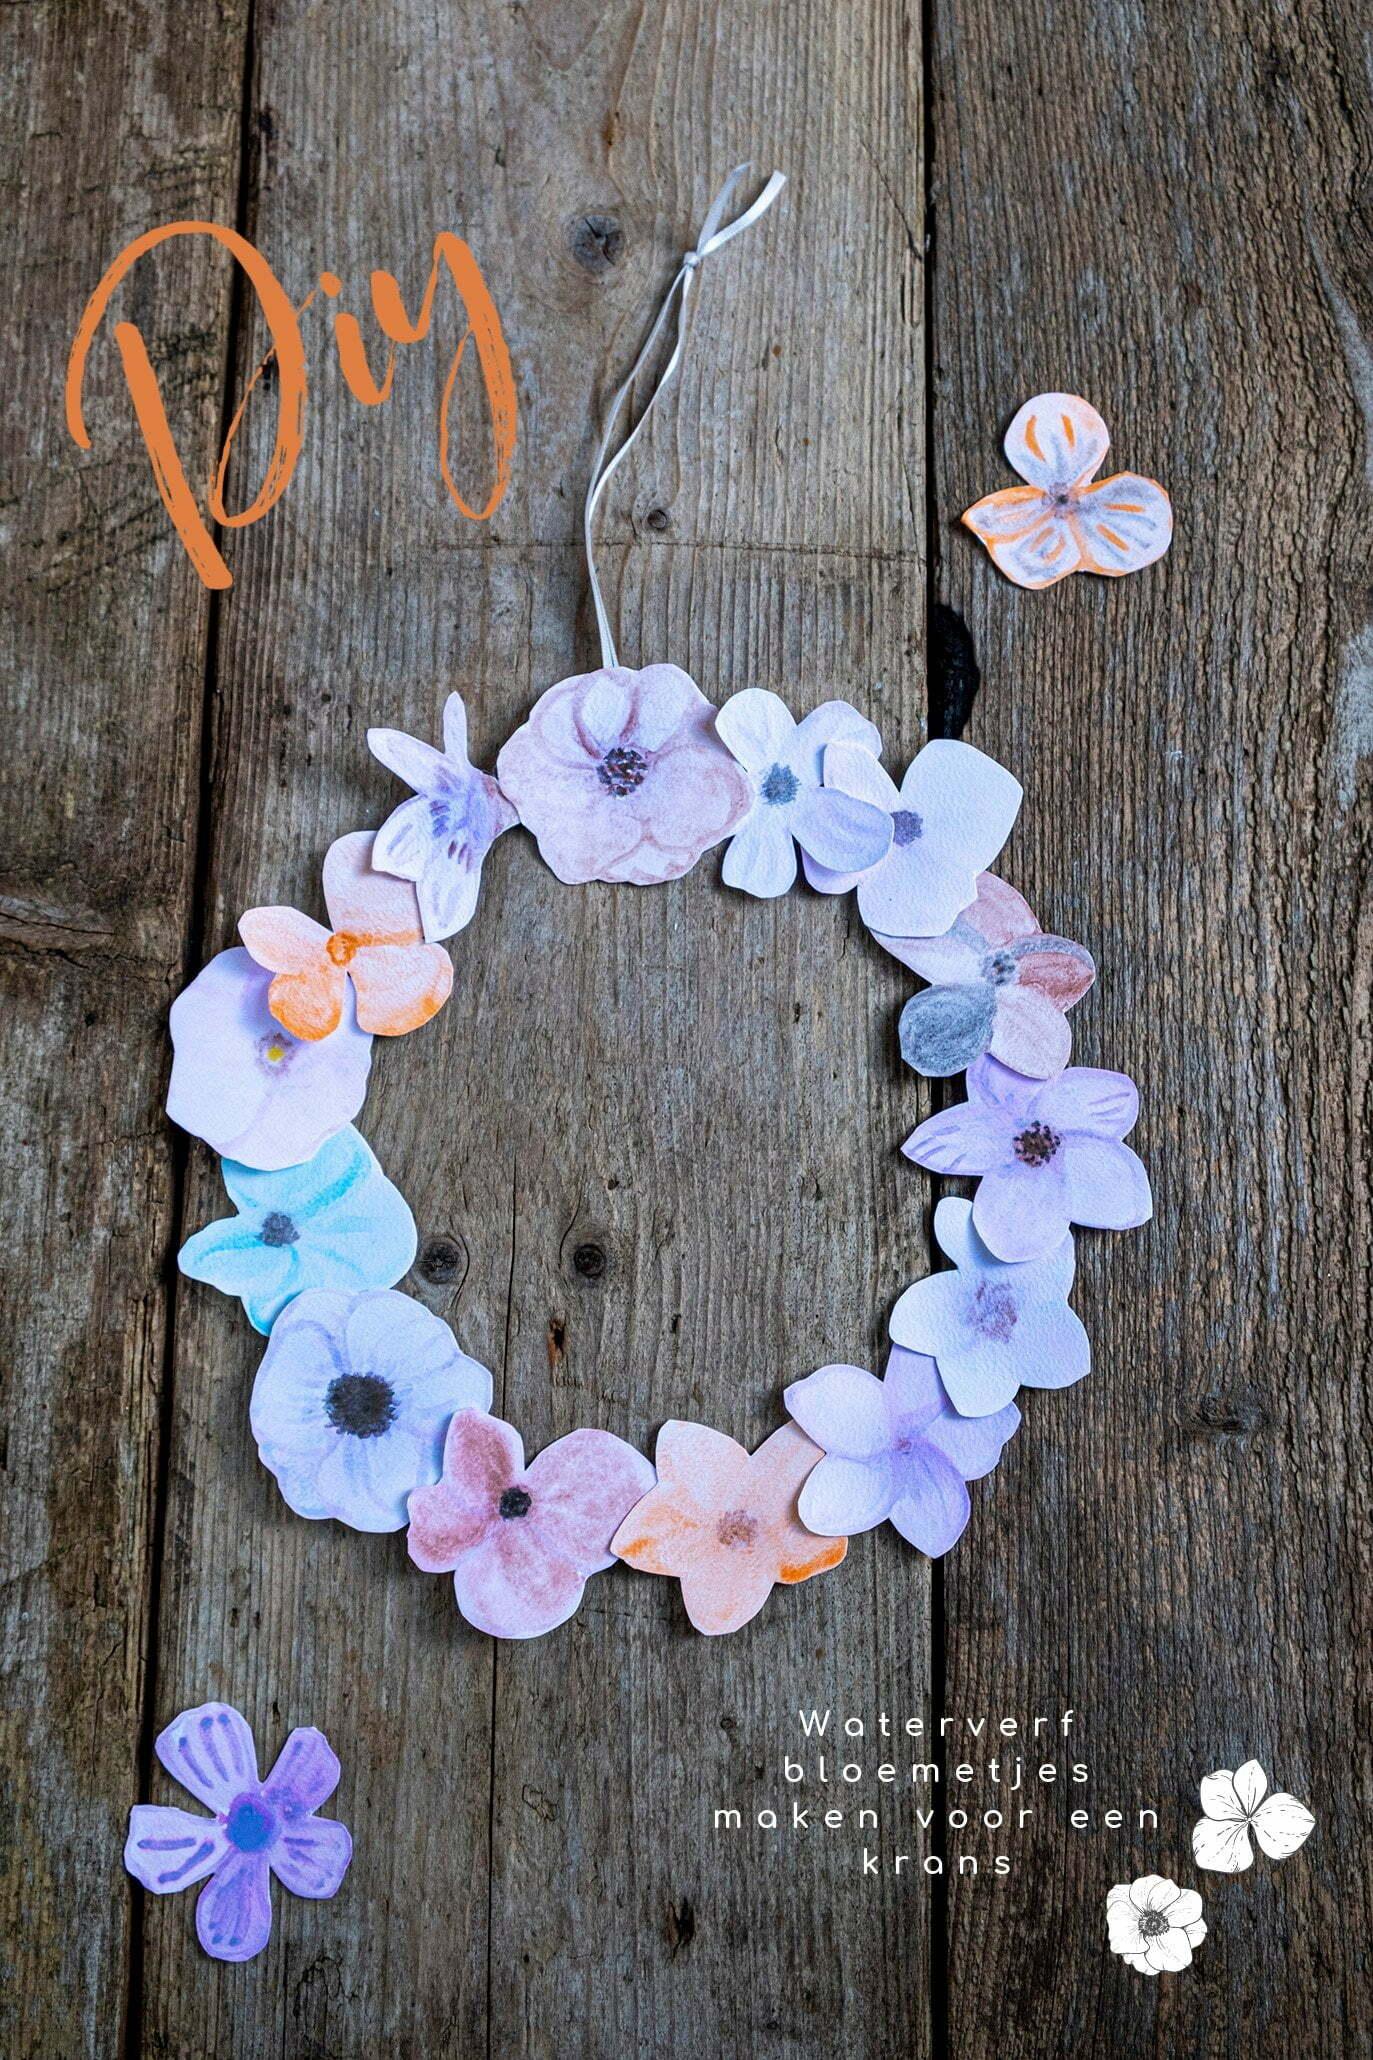 Diy; Waterverf bloemetjes maken voor een krans